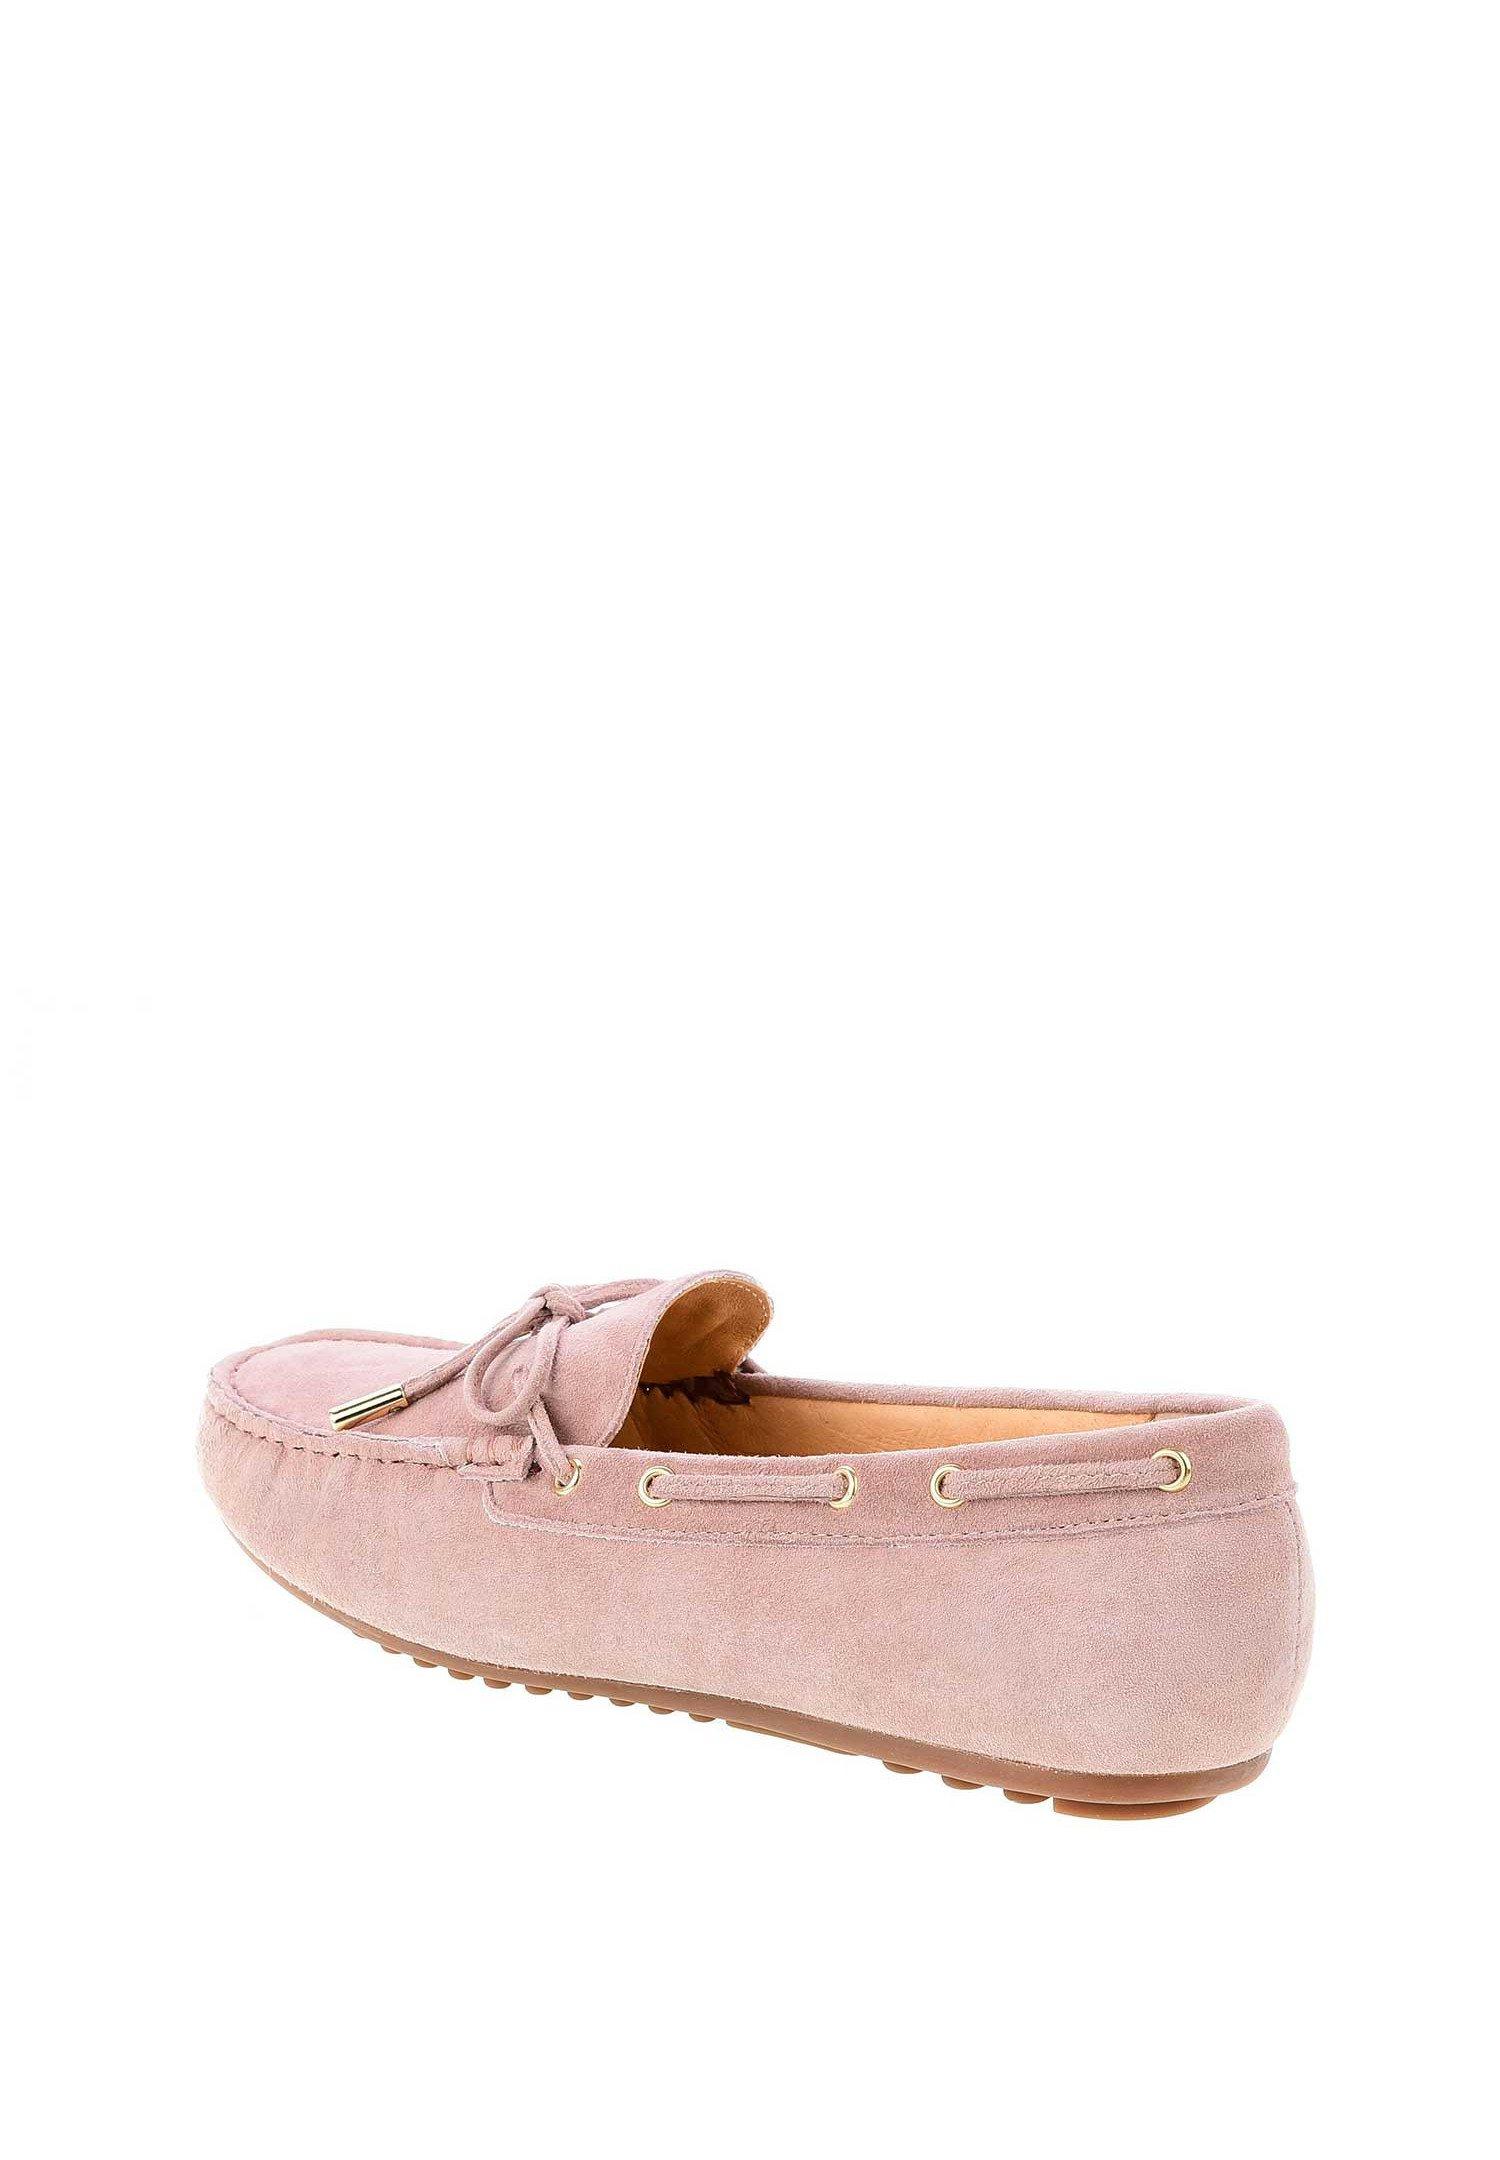 PRIMA MODA MALPAGA - Bootsschuh - pink hWPfHh